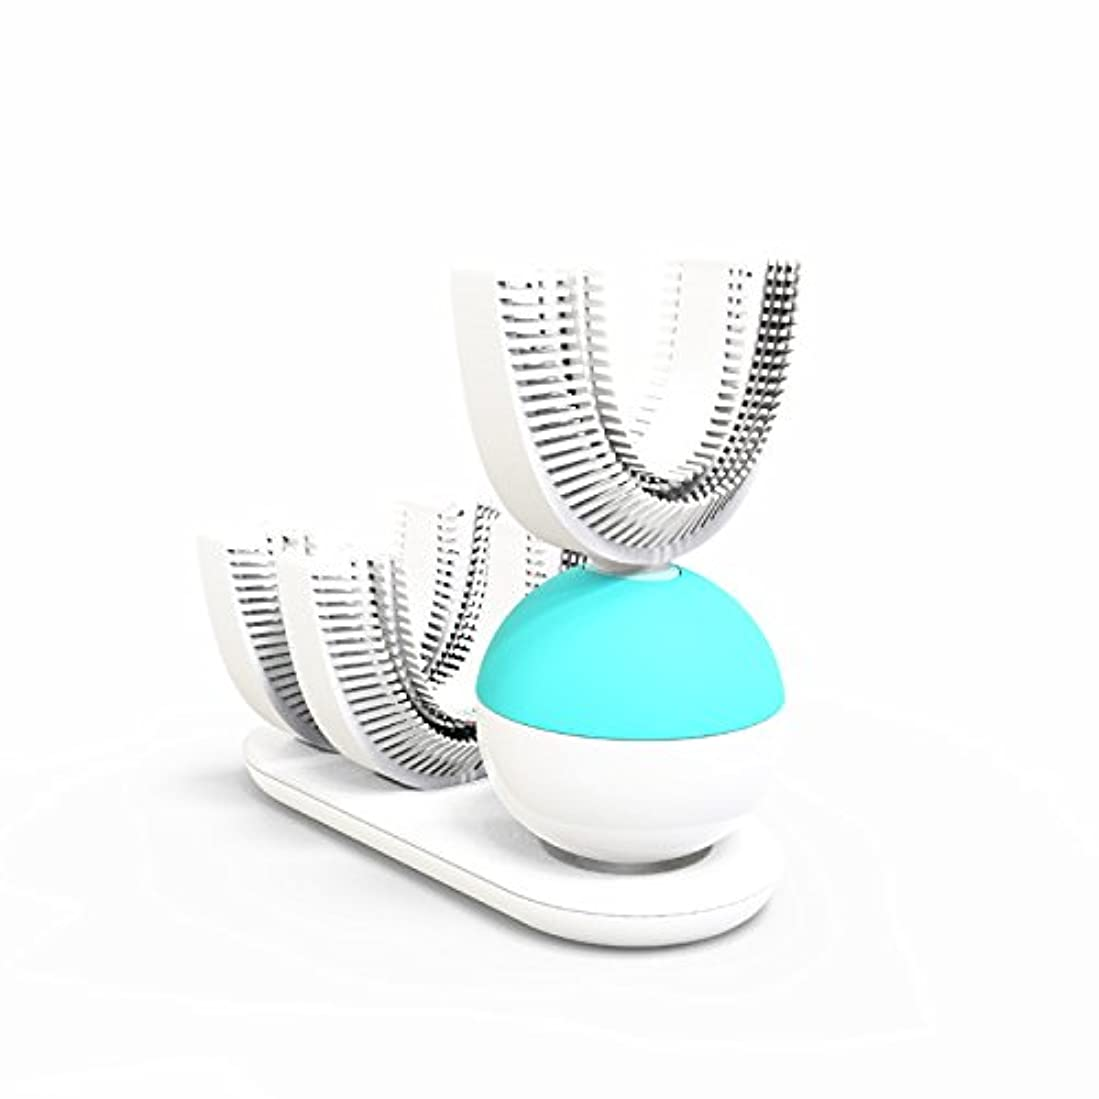 本質的にカップ前任者怠け者牙刷-電動 U型 超音波 専門370°全方位 自動歯ブラシ ワイヤレス充電 成人 怠け者 ユニークなU字型のマウスピース わずか10秒で歯磨き 自動バブル 2本の歯ブラシヘッド付き あなたの手を解放 磁気吸引接続...